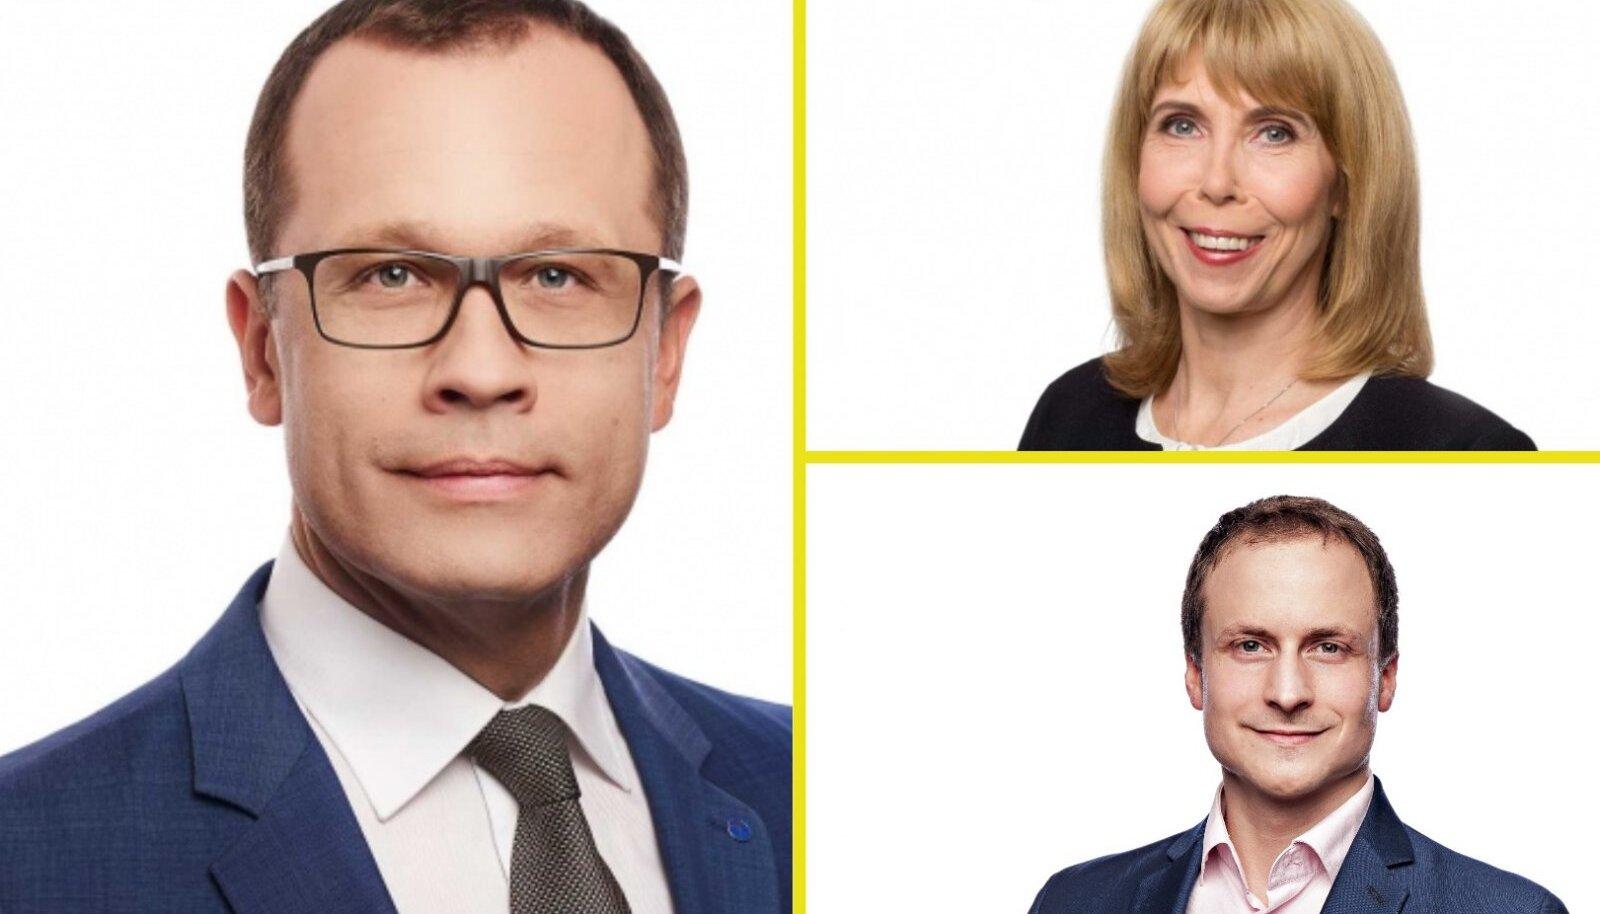 Reformierakonna valimisnimekirja juhivad linnapeakandidaat (ühtlasi praegune linnapea) Urmas Klaas, Margit Sutrop, Mihkel Lees, Ene Ergma, Raimond Tamm ja Ants Laaneots.